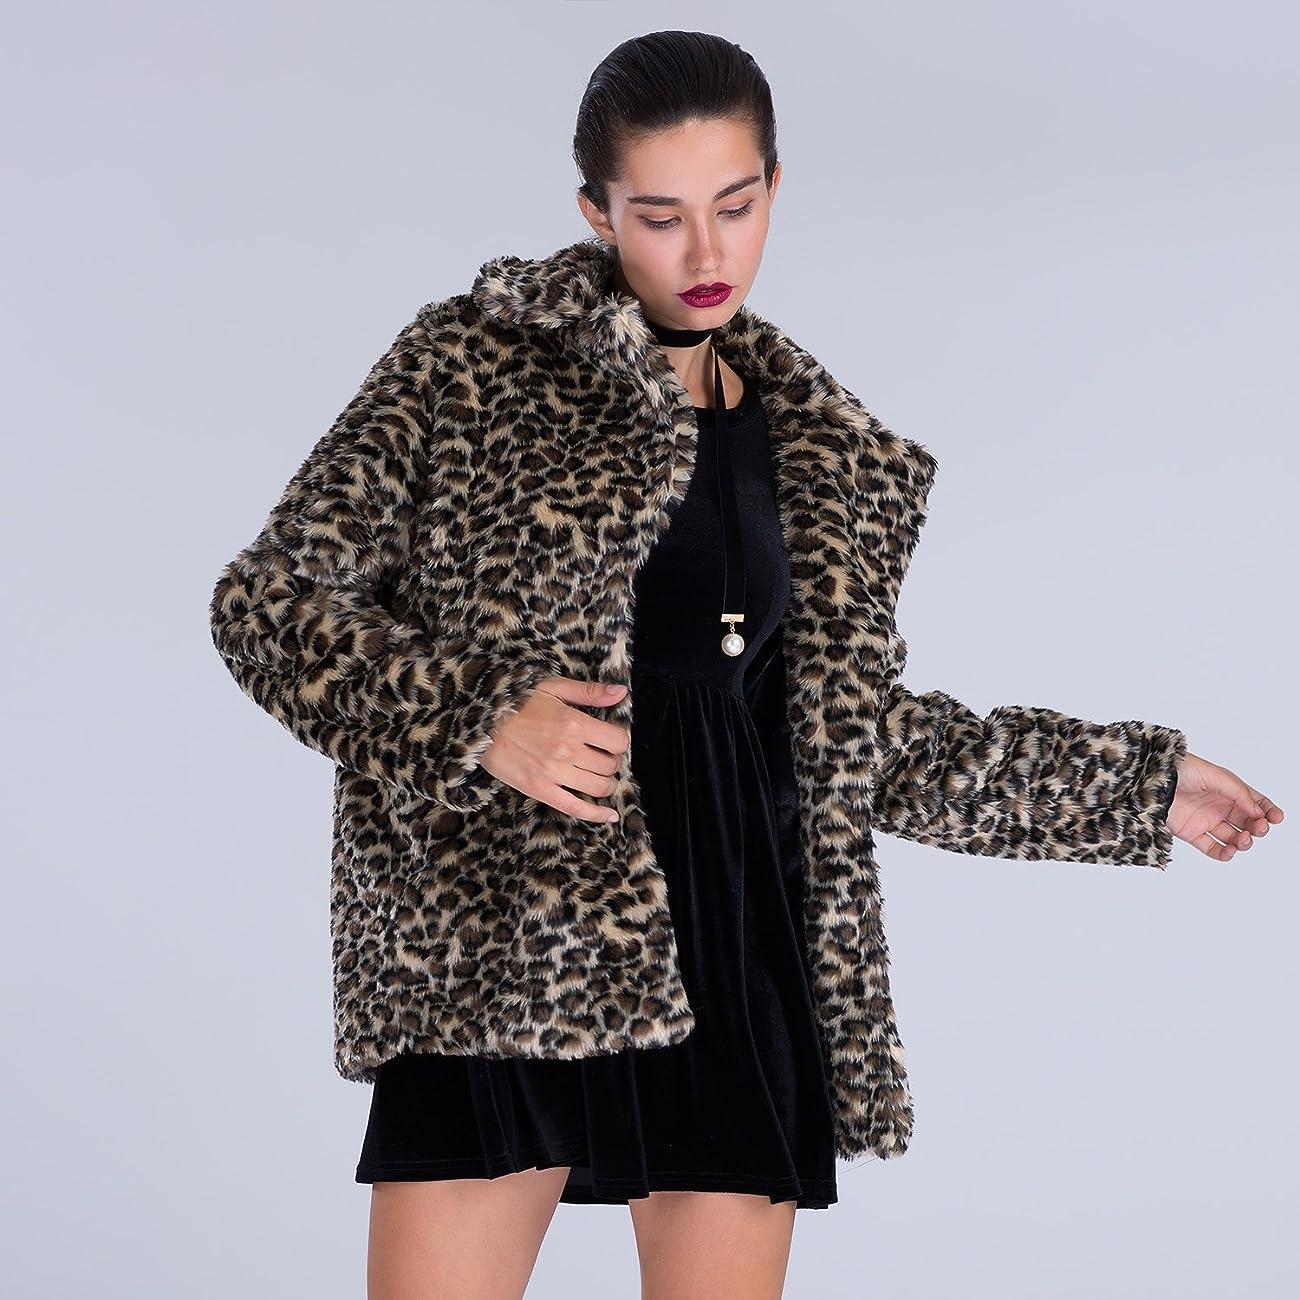 Choies Women Elegant Vintage Leopard Print Lapel Faux Fur Coat Fall Winter Outwear 1